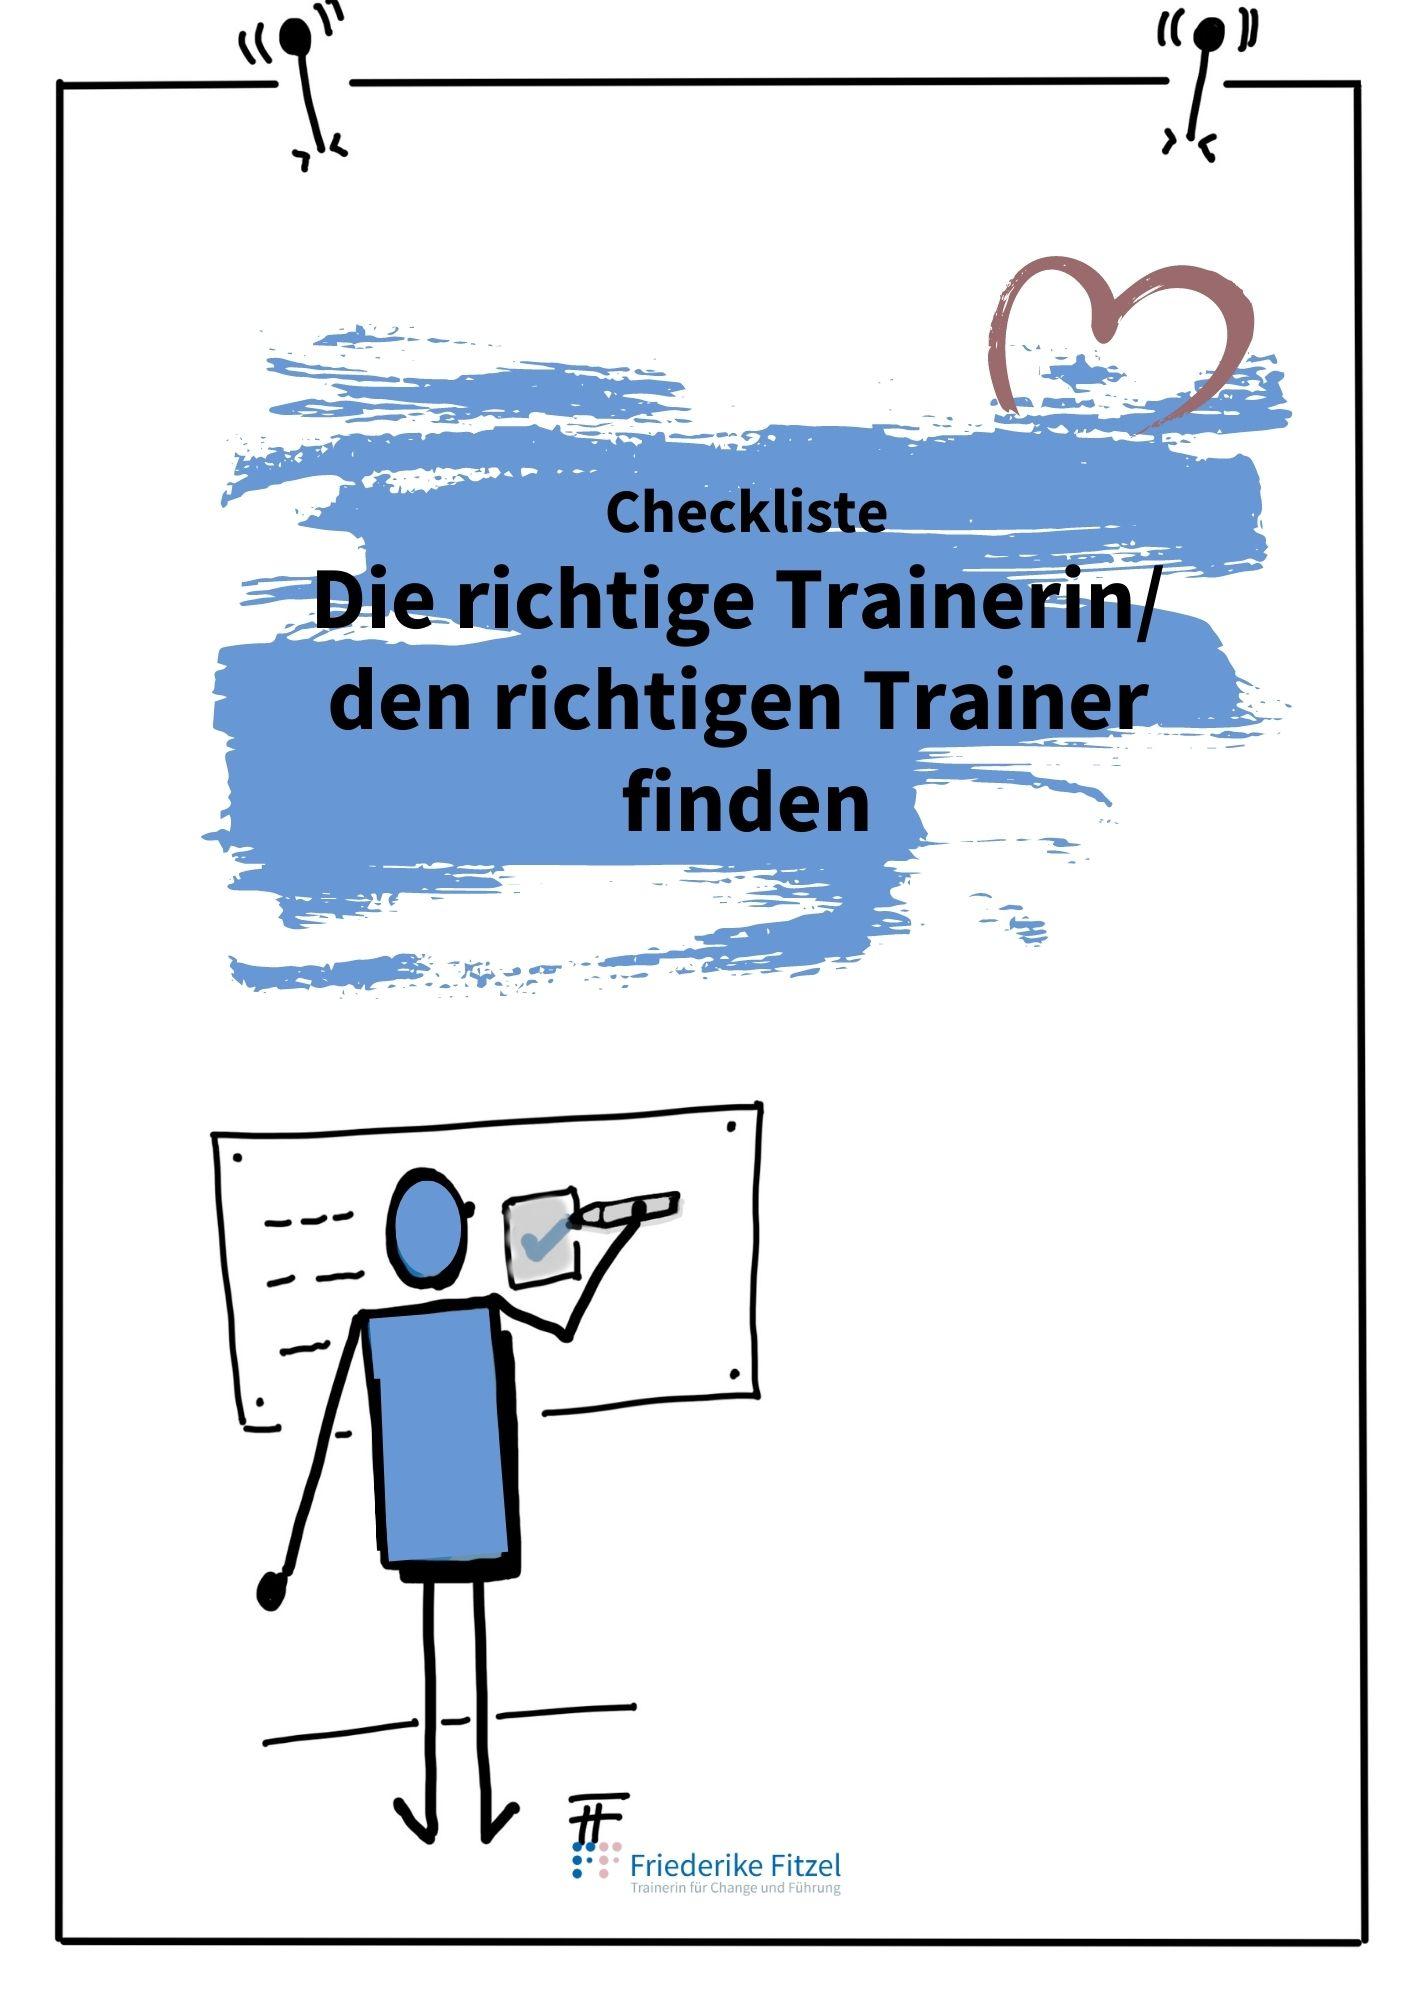 Checkliste die richtige Trainerin finden